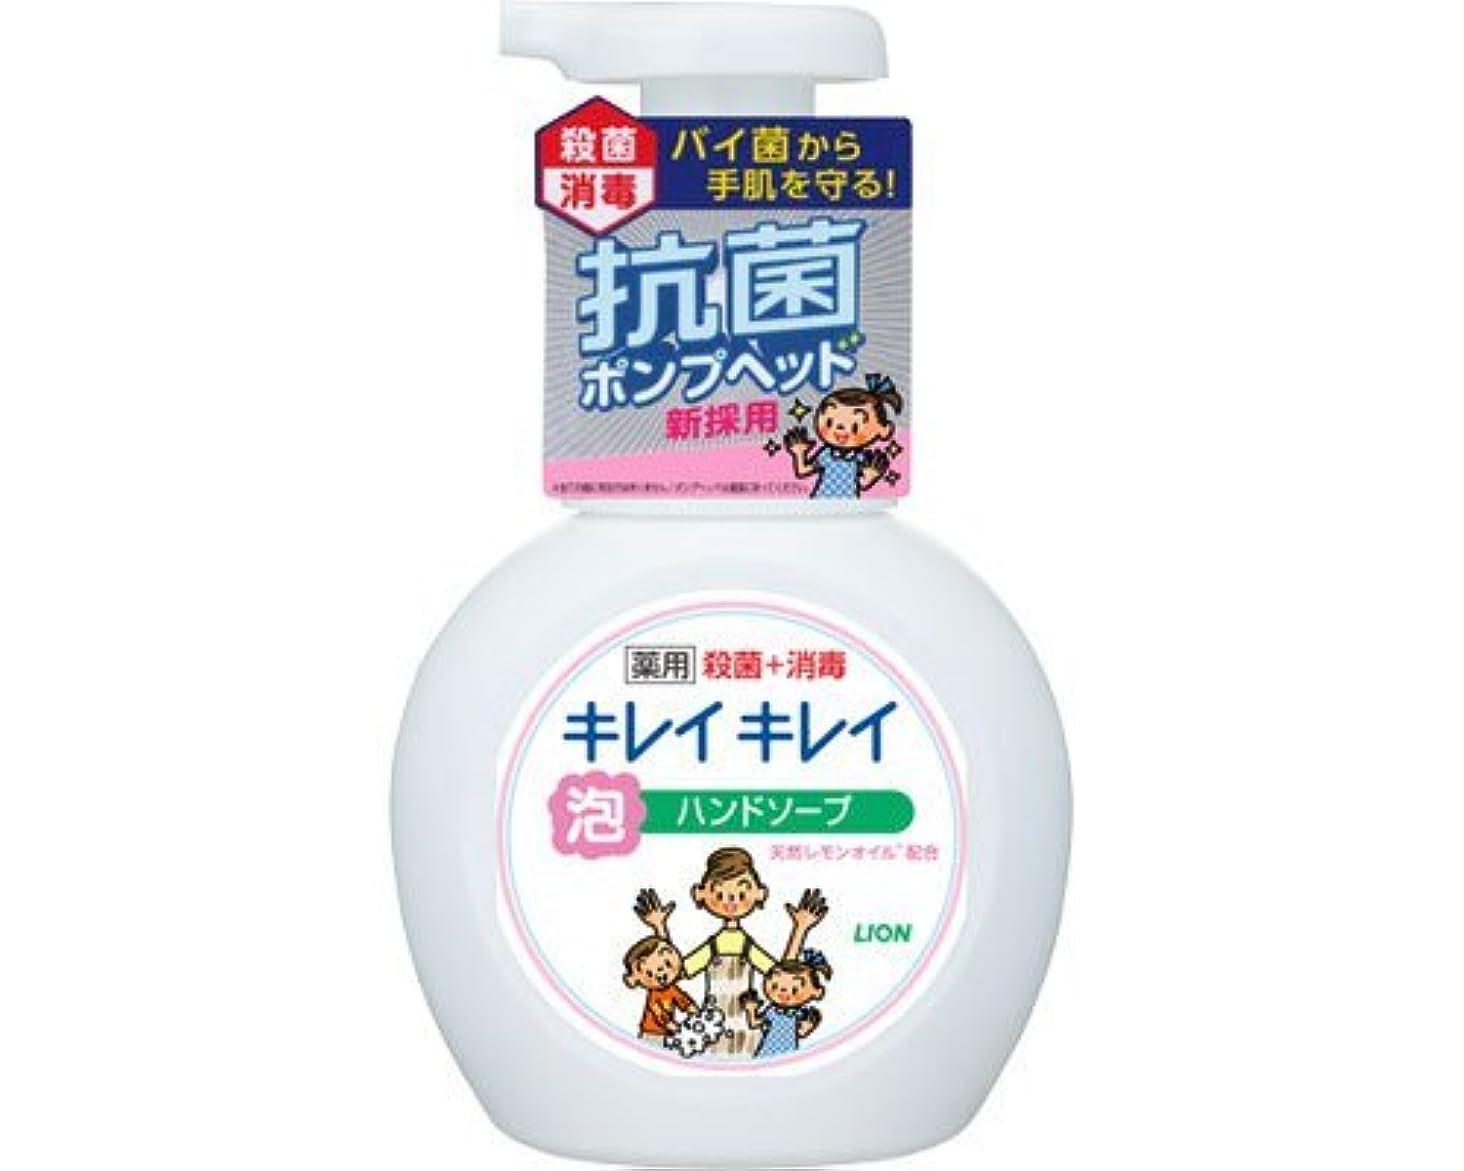 バタフライ雲重なるキレイキレイ薬用泡ハンドソープ 250mLポンプ (ライオン) (手指洗浄)